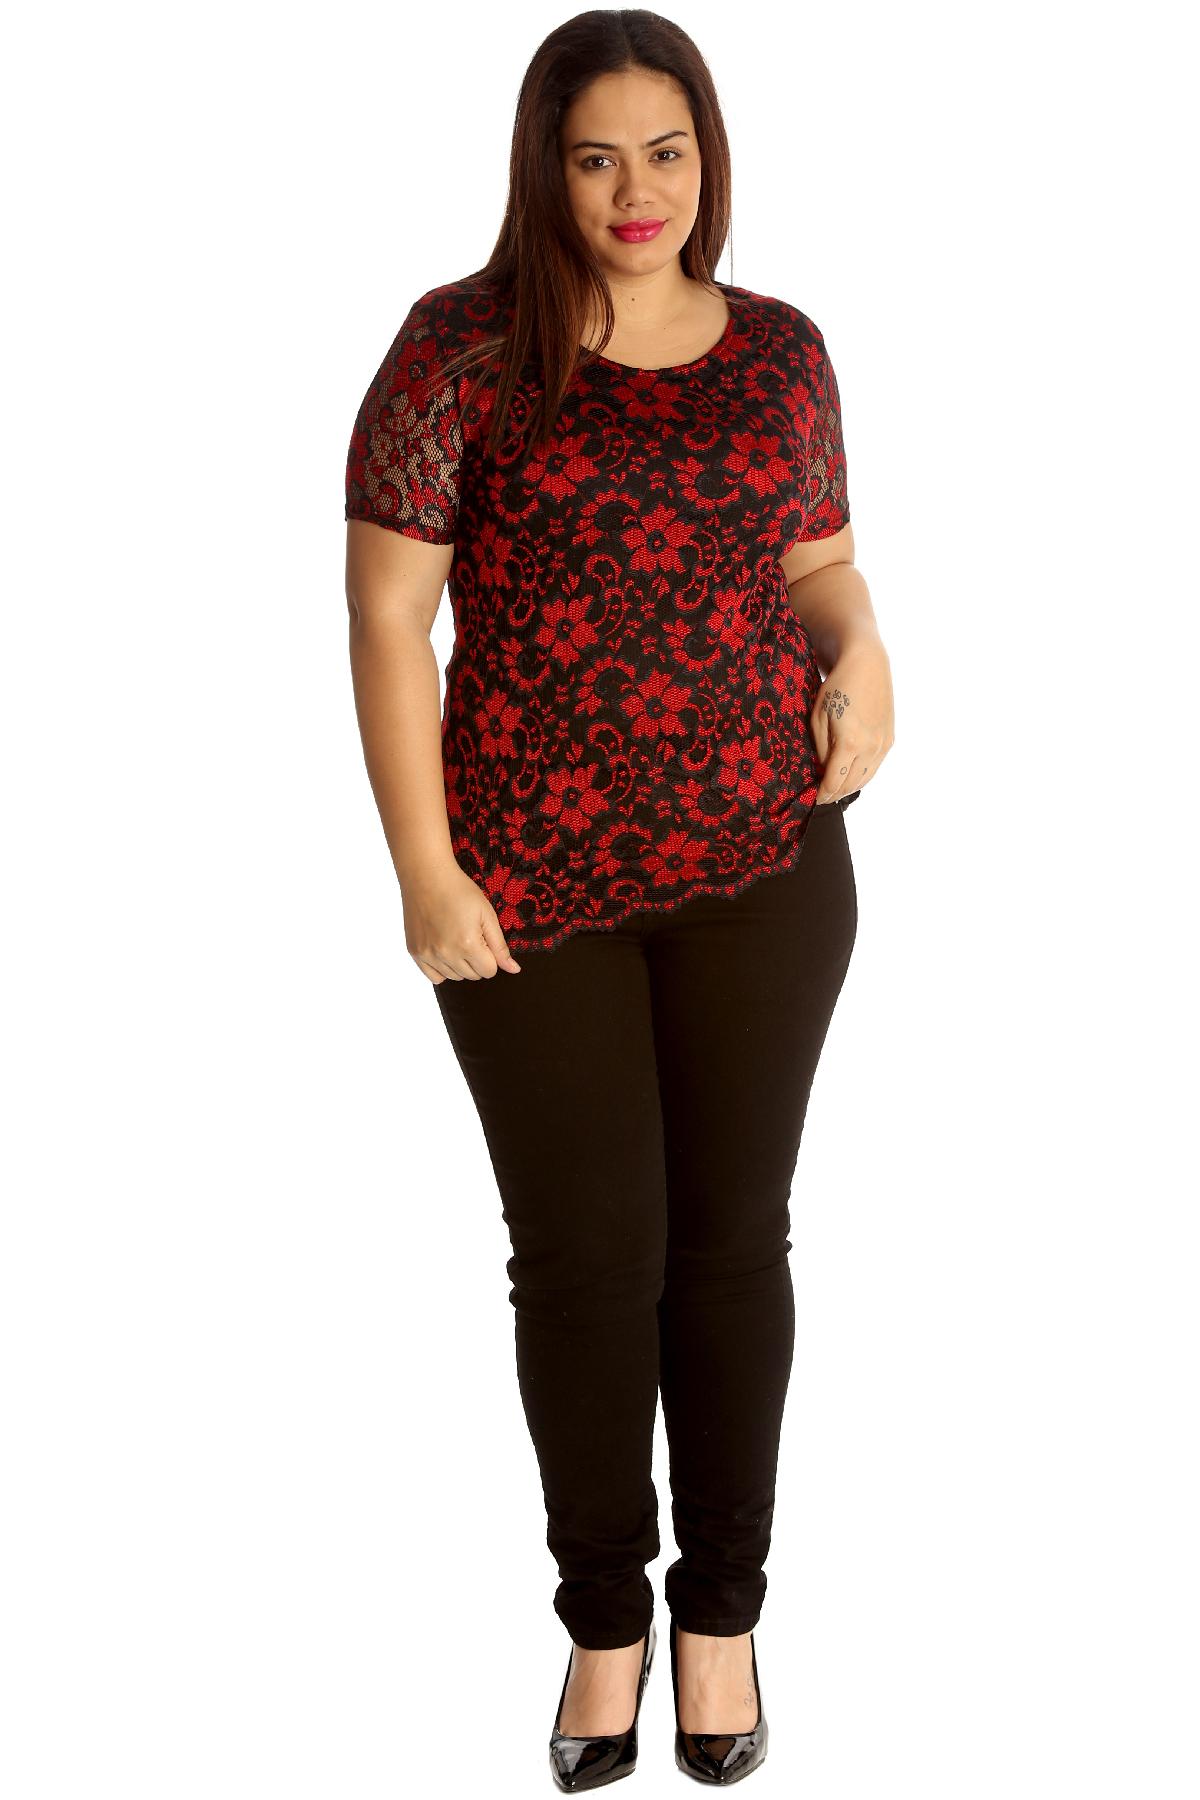 Haut Femmes Taille 46 48 50 52 54 grande taille tunique Blouses Shirt Motif Dentelle 92